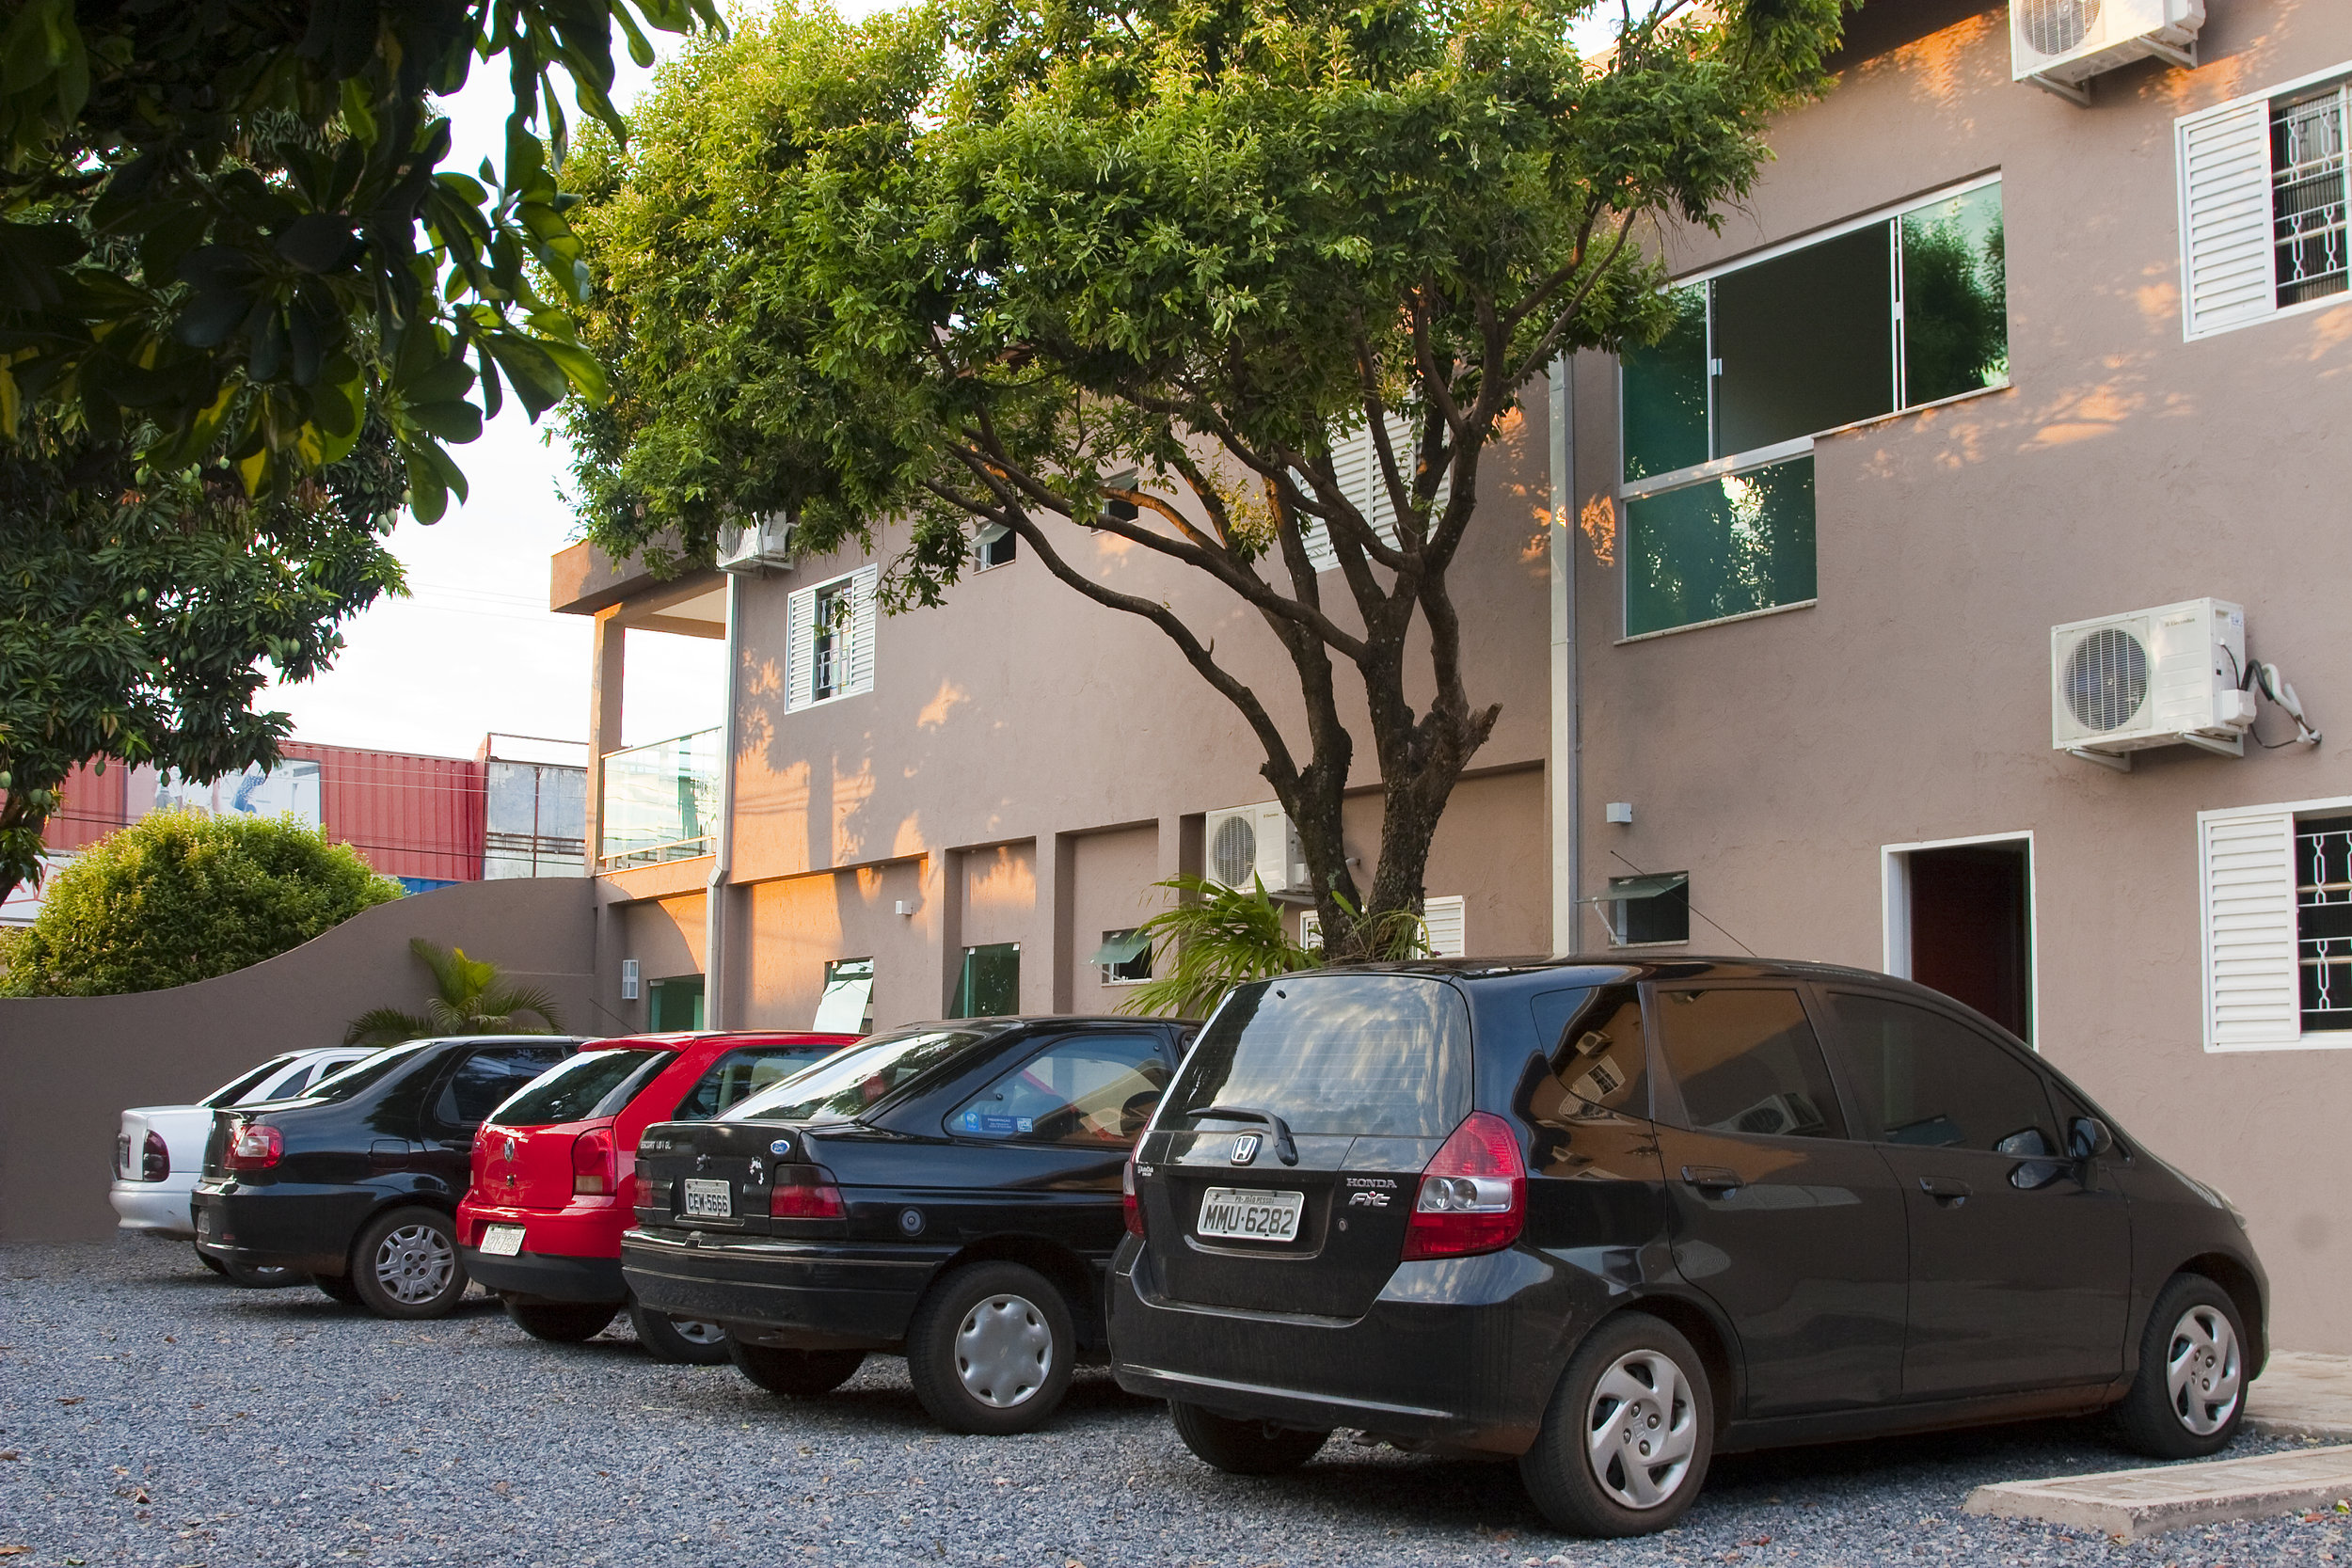 pousada_calliandra_estacionamento_20101223_0013.jpg